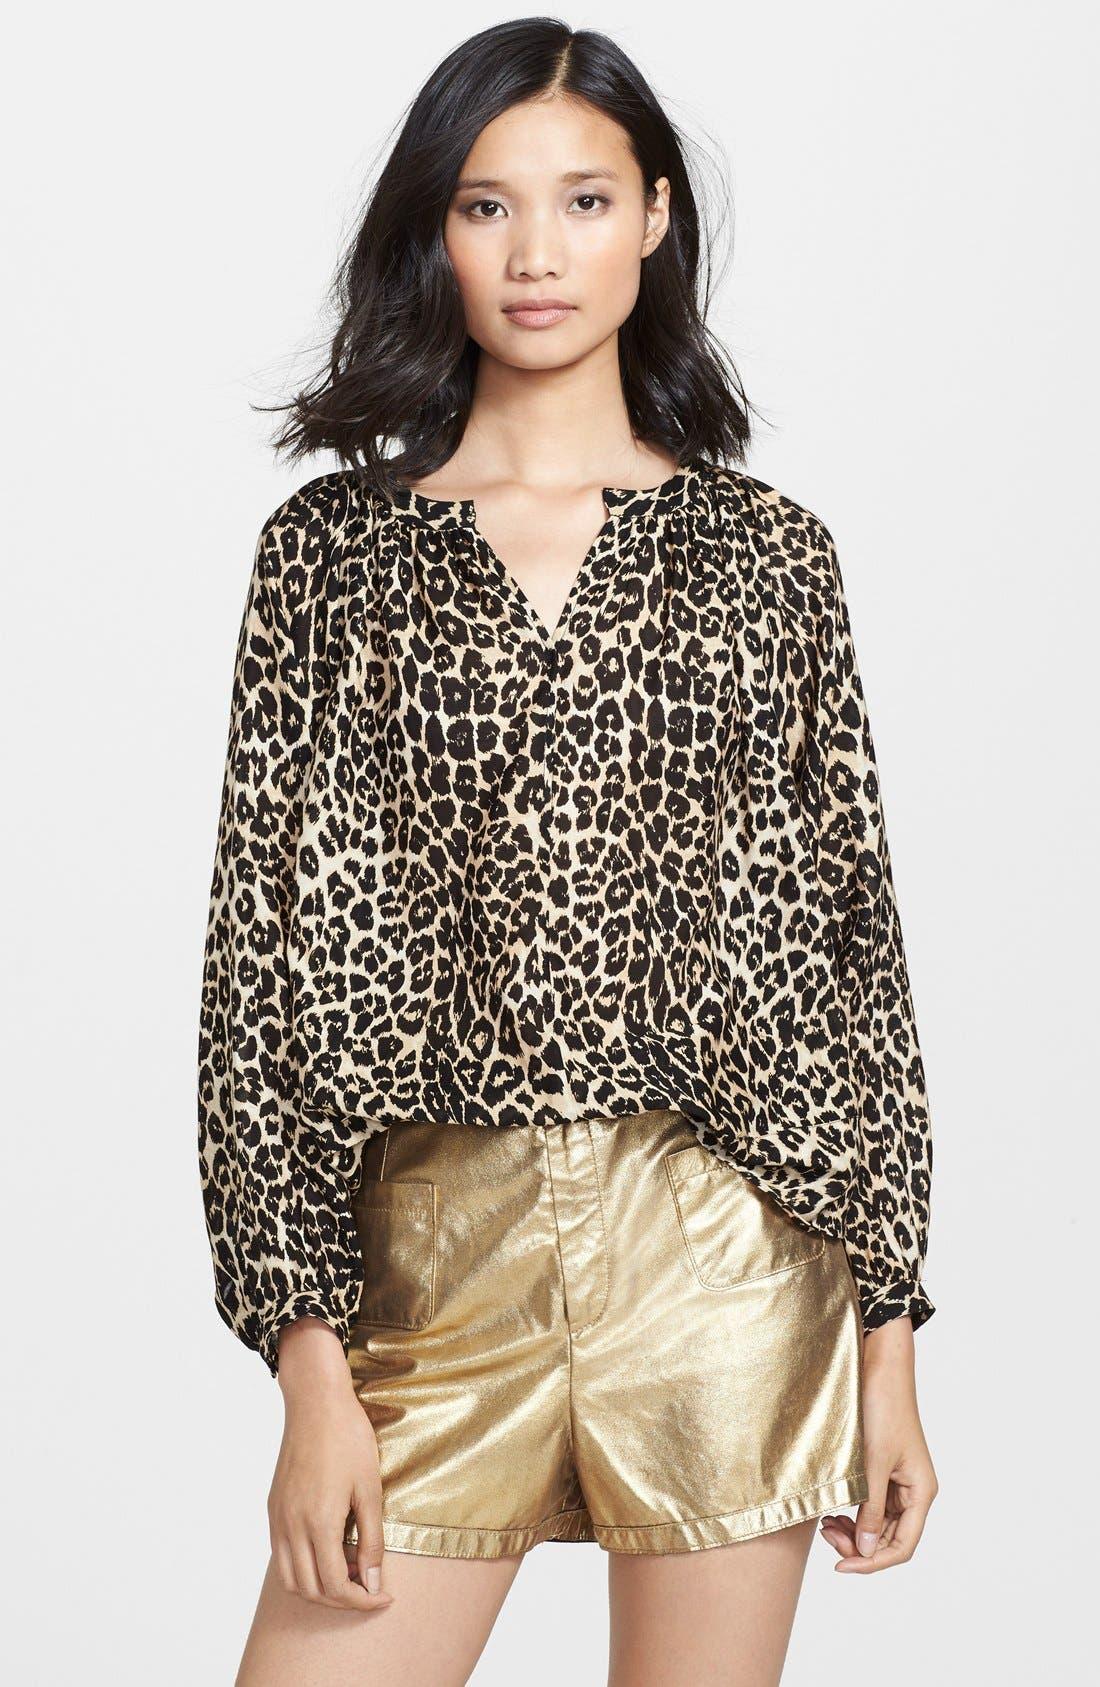 Alternate Image 1 Selected - Tamara Mellon Leopard Print Peasant Top